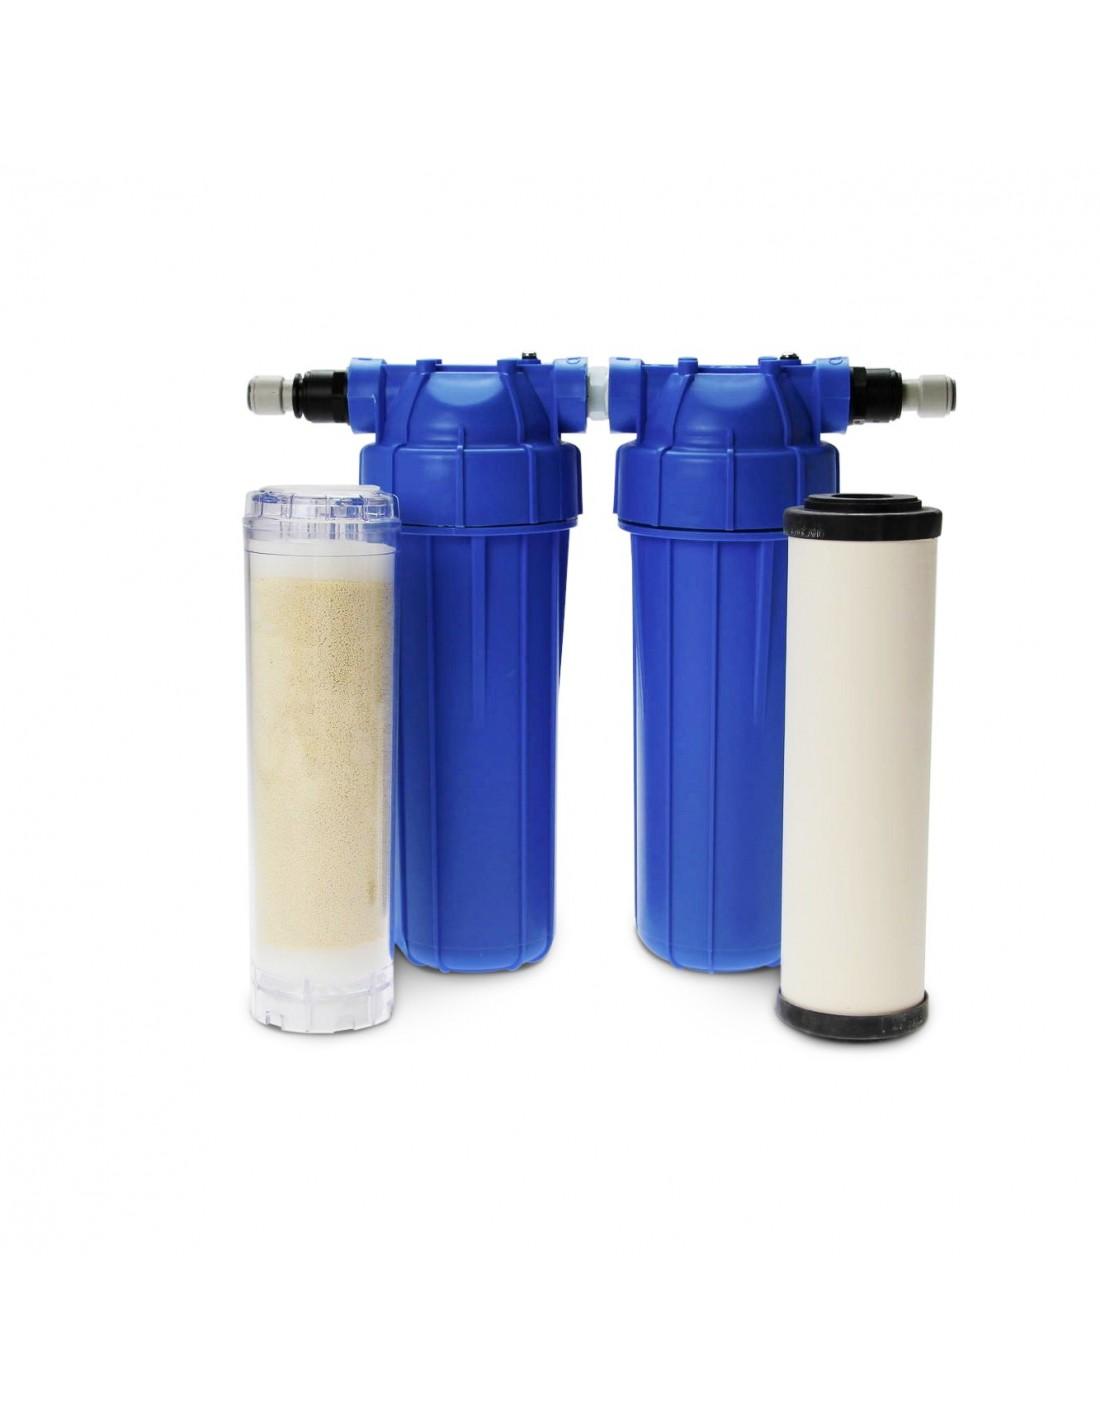 Nitrat-Duo: Küchenfilter mit Resin und Keramik-Aktivkohle